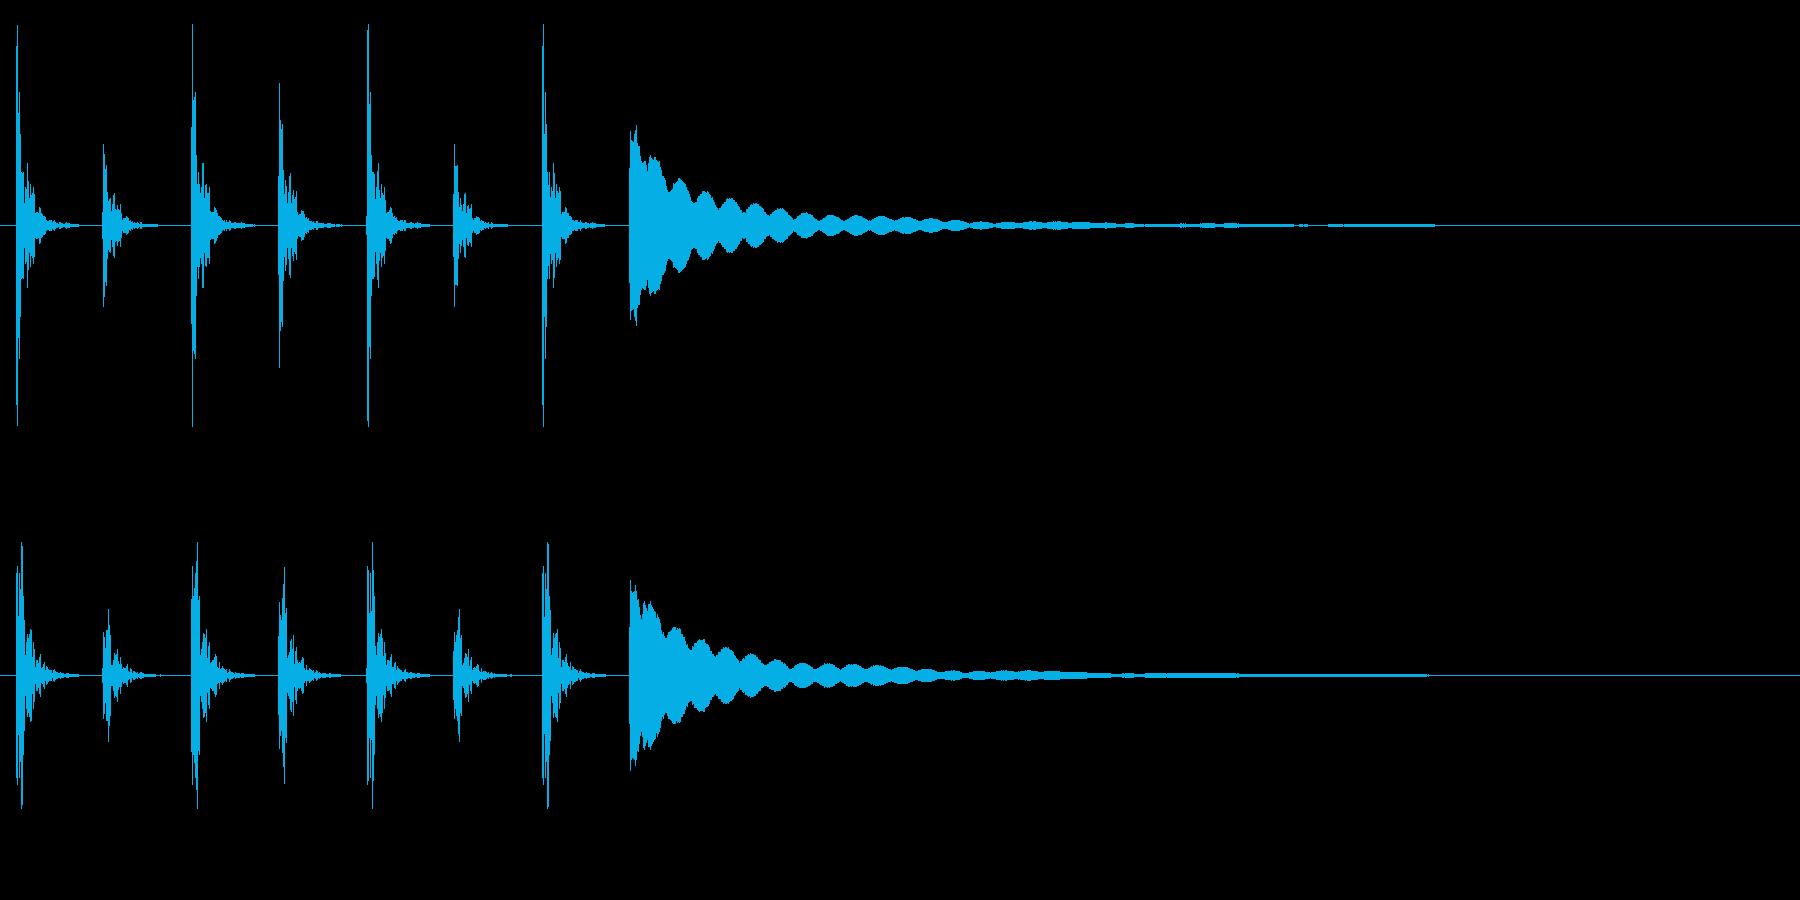 ポクポクチン2木魚・シンキングタイム5秒の再生済みの波形